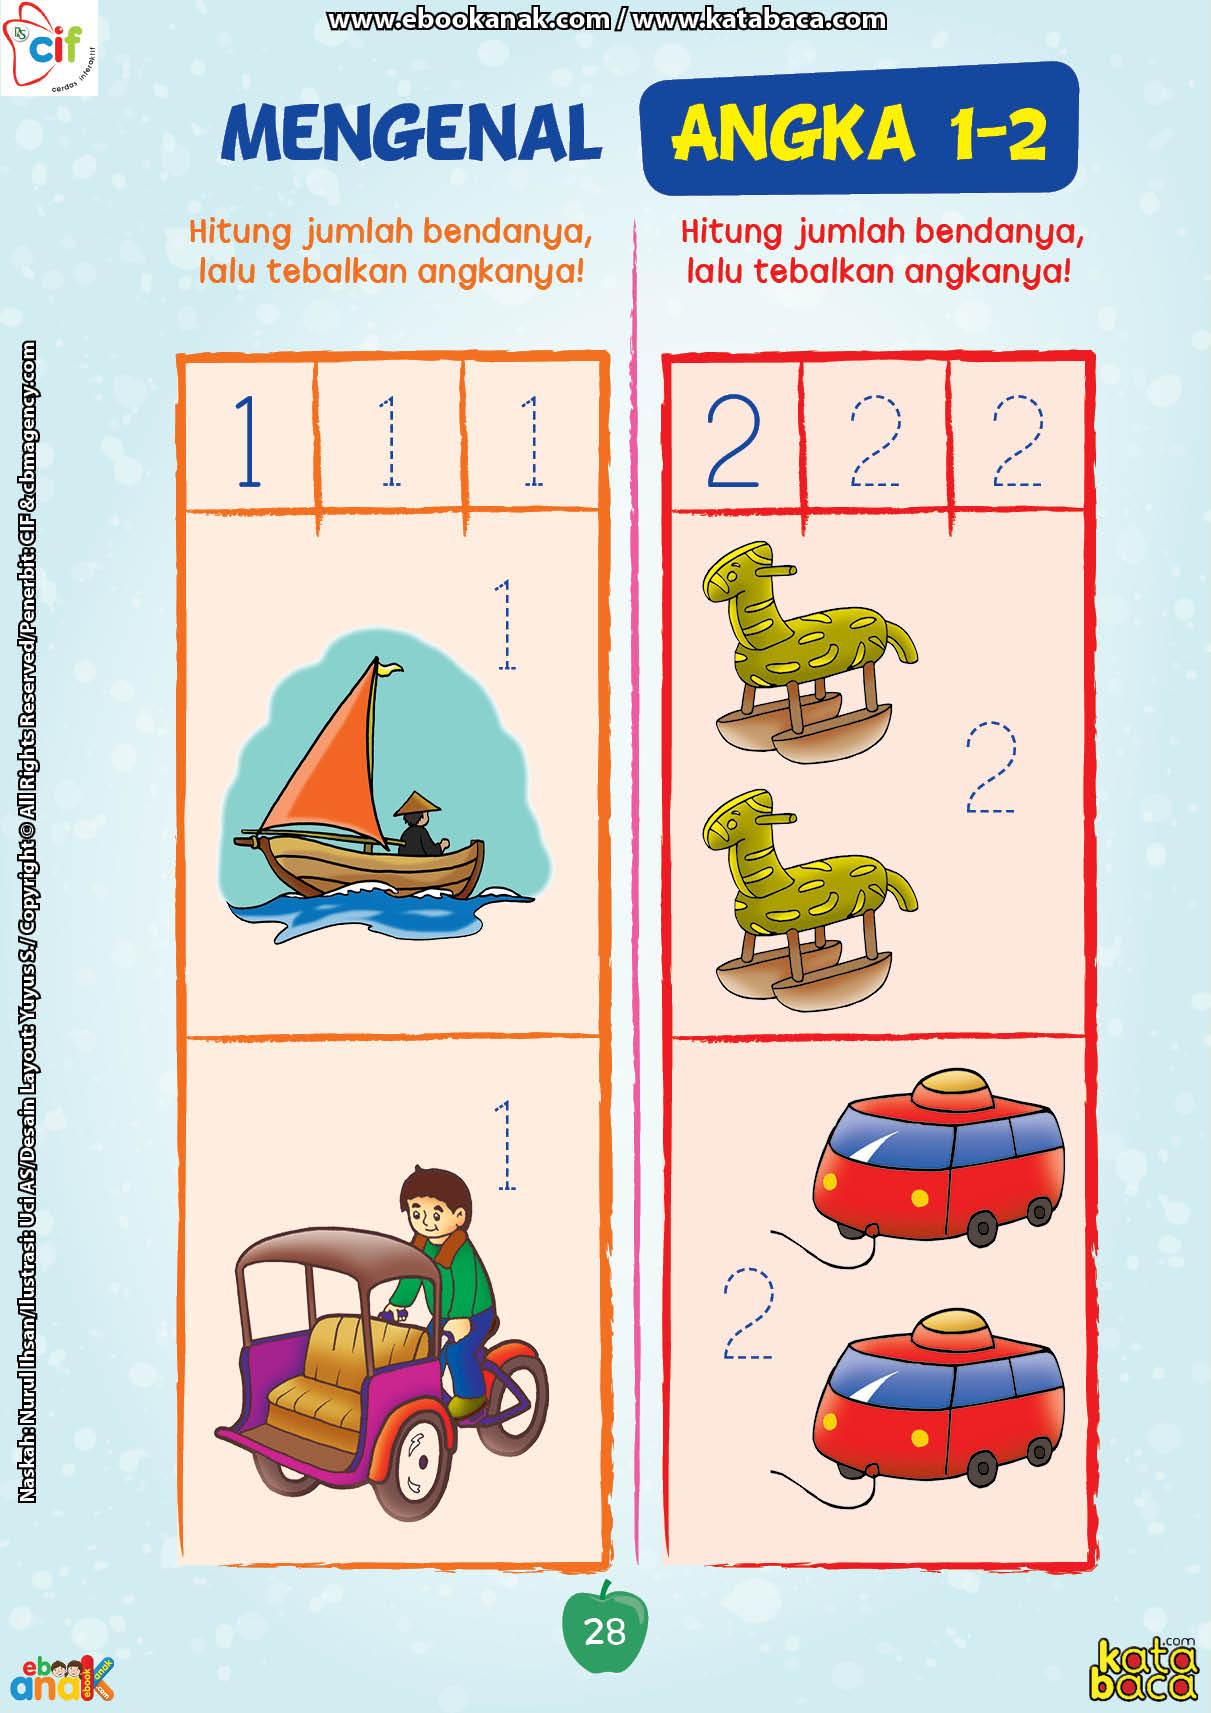 baca buku online brain games calistung28 Menghitung Jumlah Benda dan Menebalkan Angka